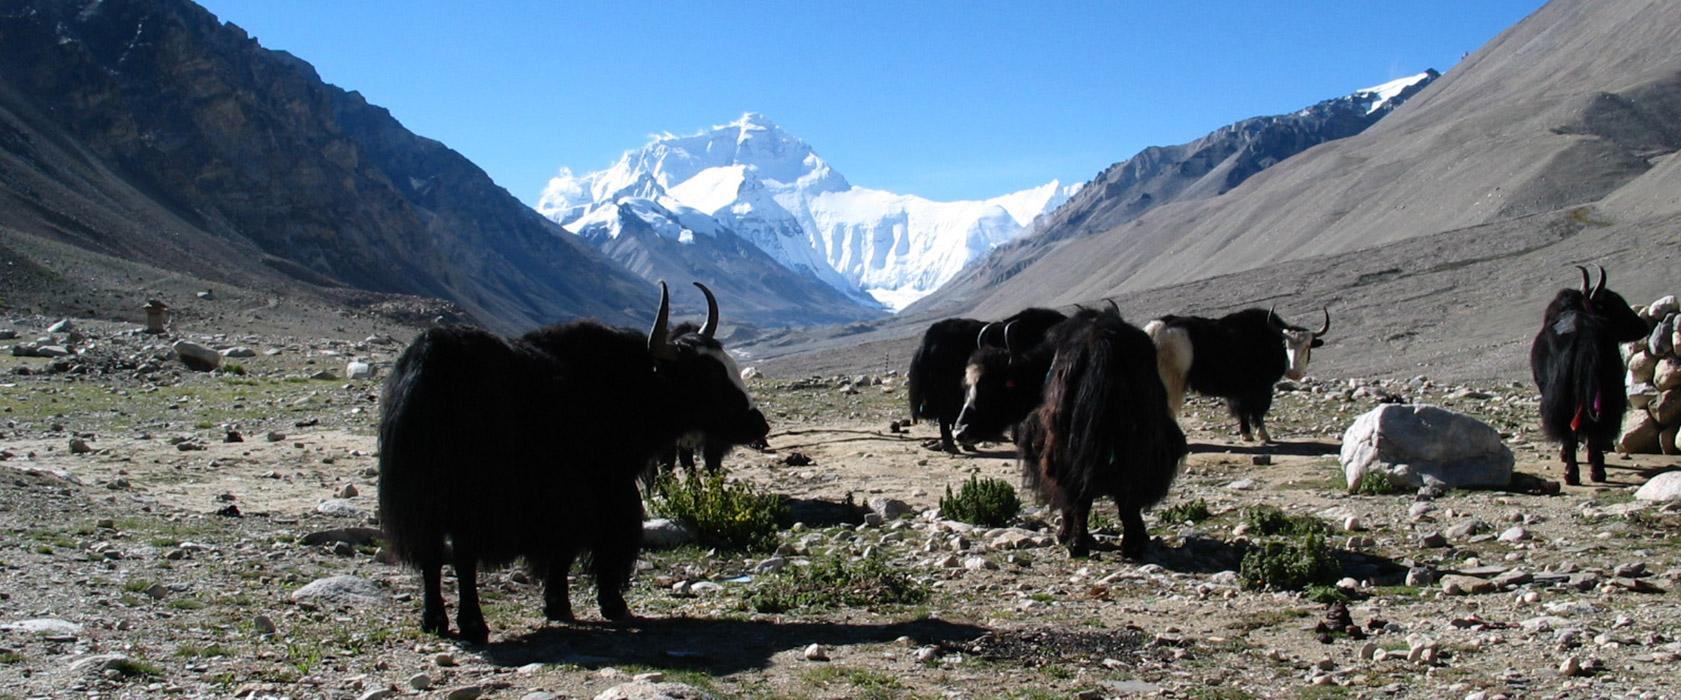 Auf dem Friendship Highway von Lhasa nach Kathmandu